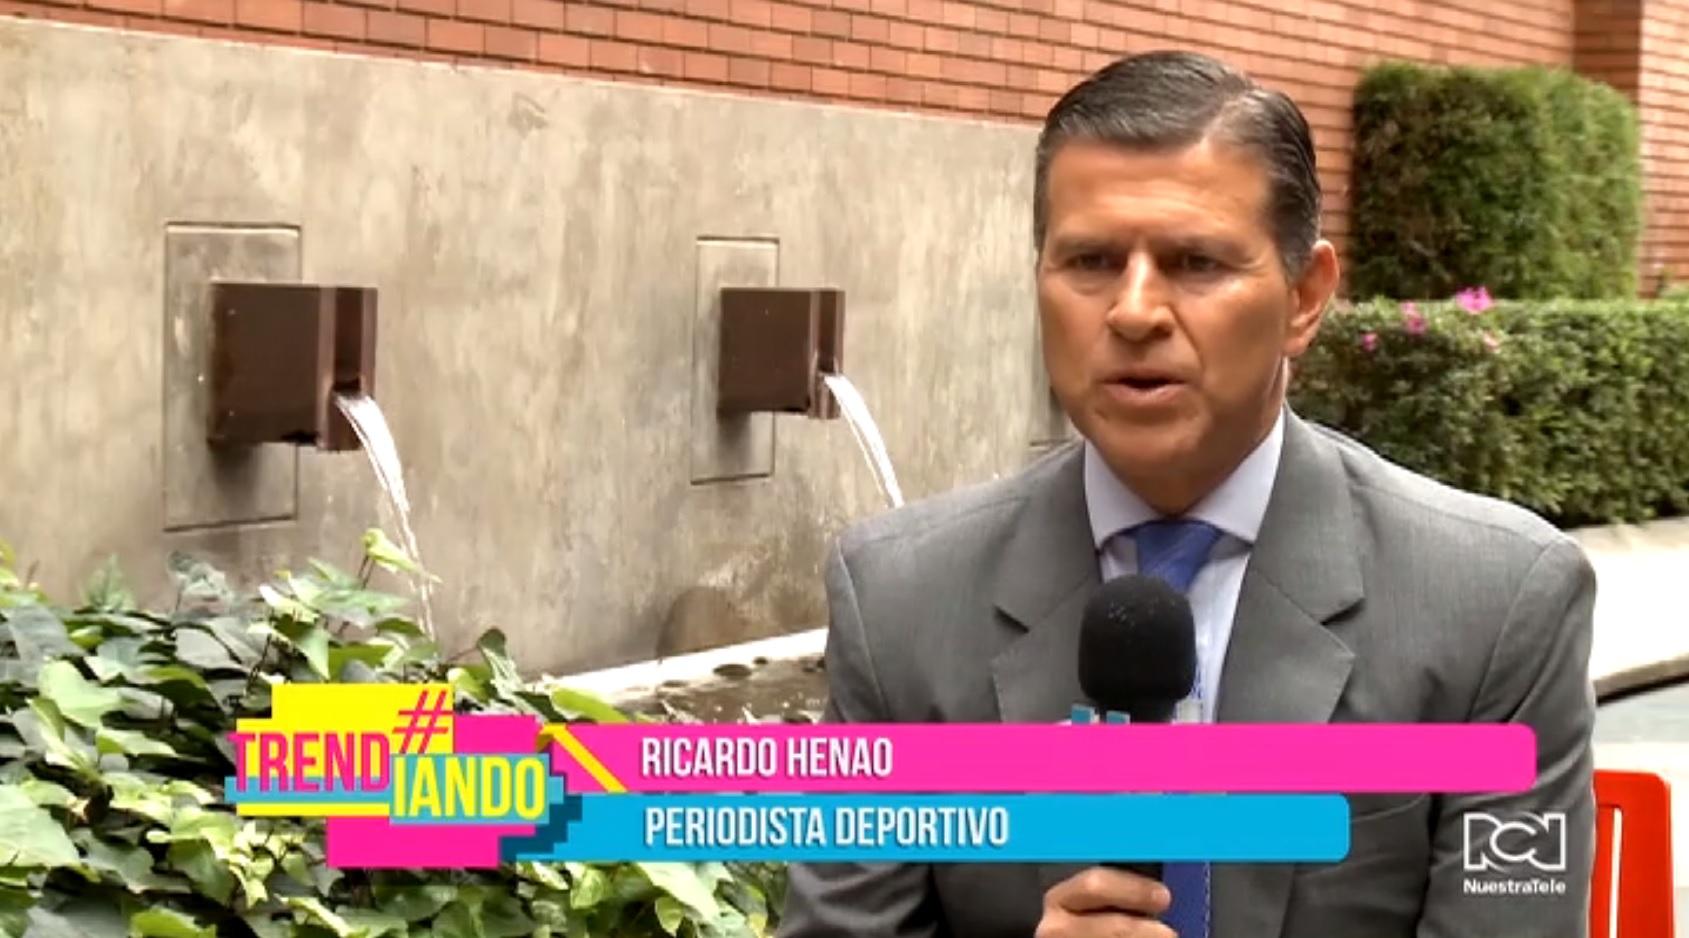 Ricardo Henao contó cómo logró hacer realidad su sueño de ser periodista deportivo